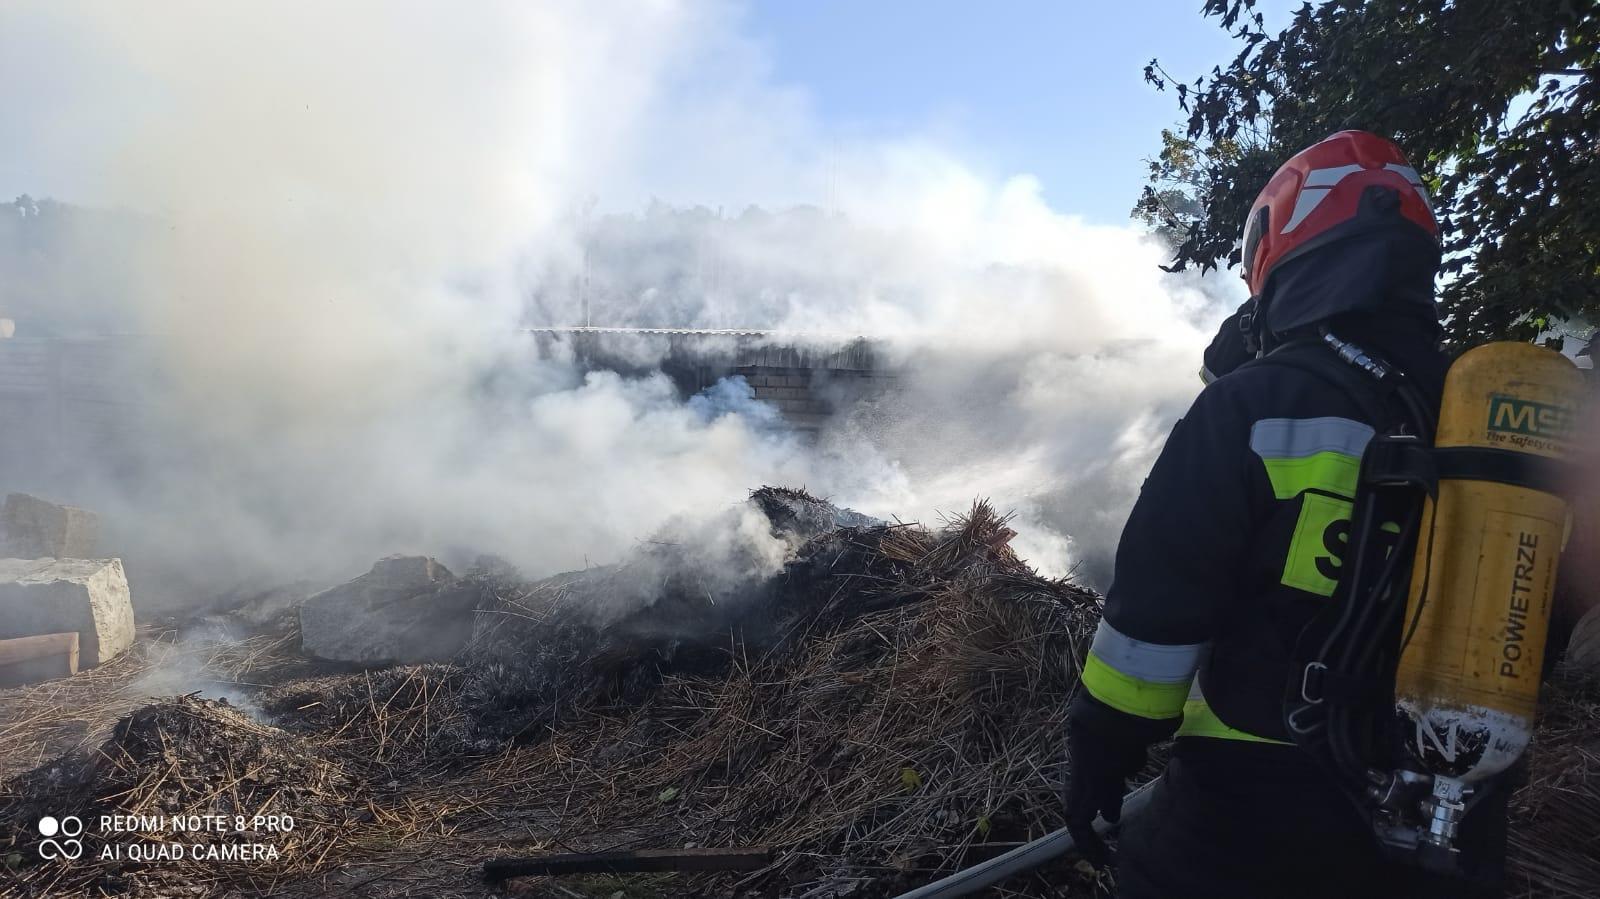 Pracowity czwartek dla strażaków z OSP Strzegom [FOTO]